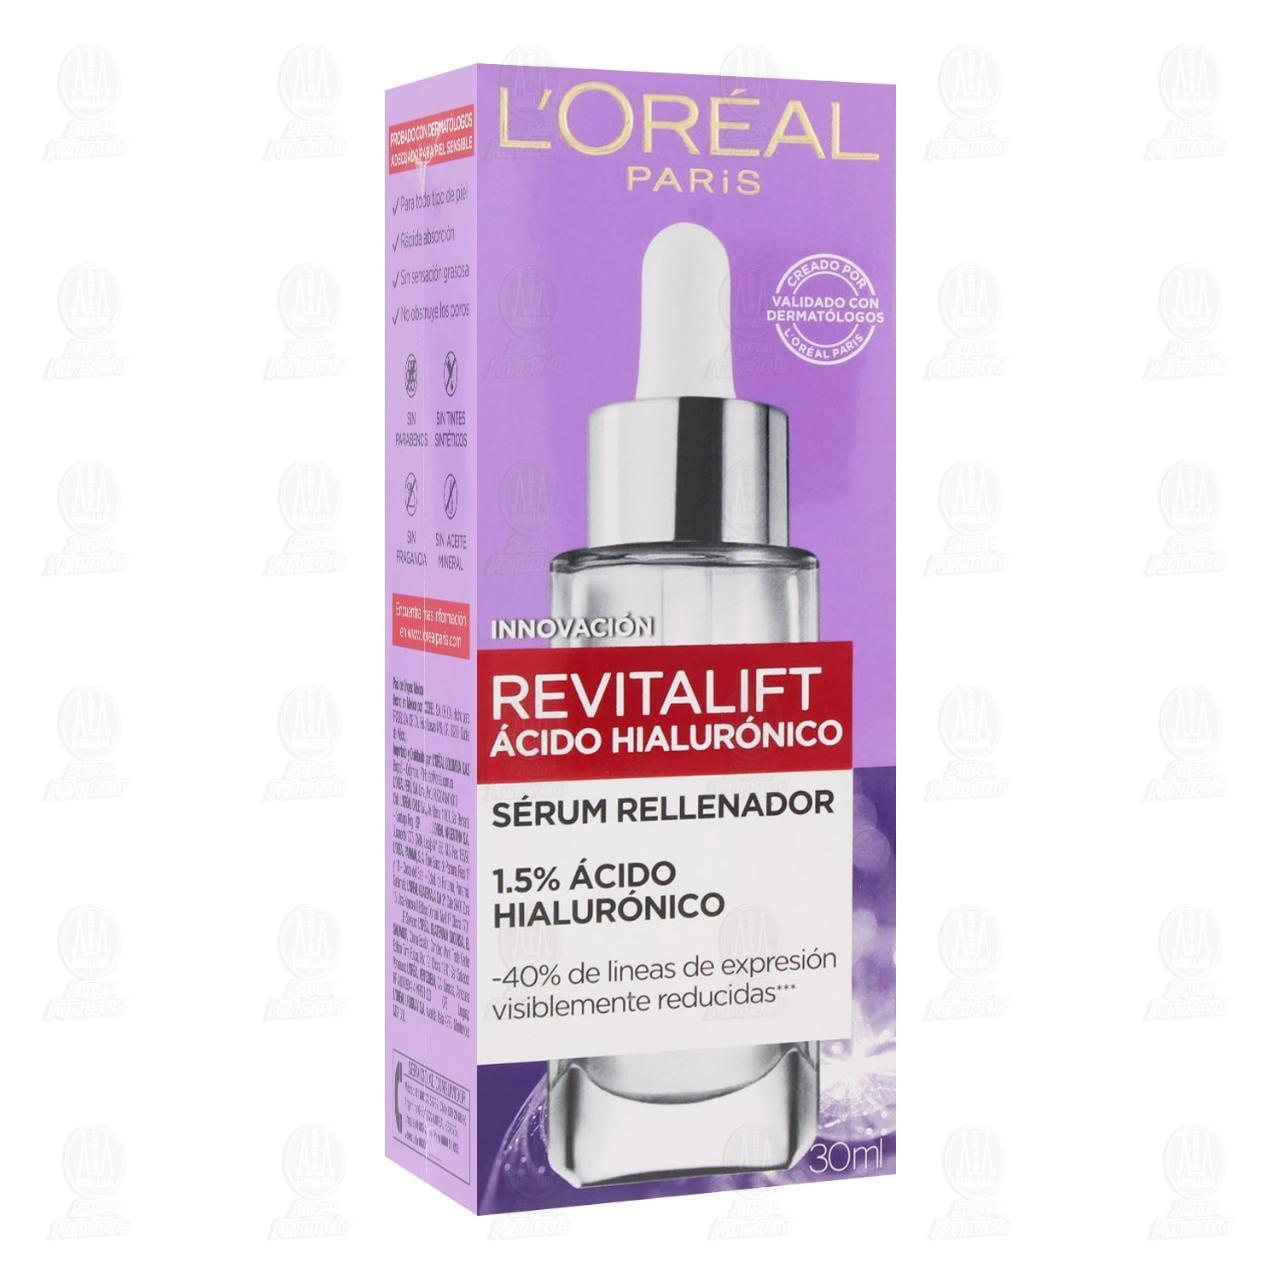 Comprar Sérum Rellenador L'Oréal Revitalift Ácido Hialurónico, 30 ml. en Farmacias Guadalajara